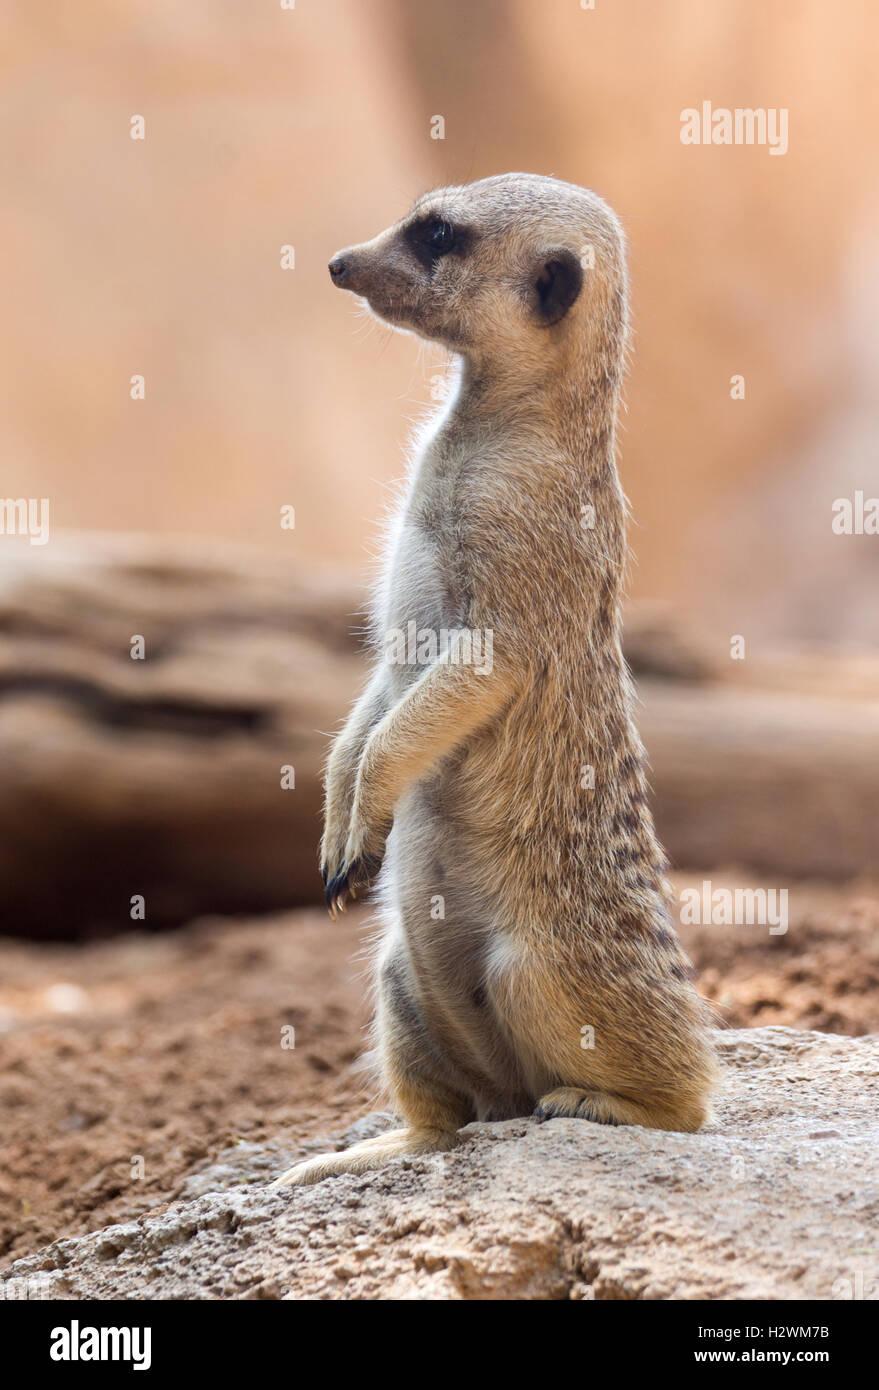 Meerkat debout dans une pose typique Photo Stock